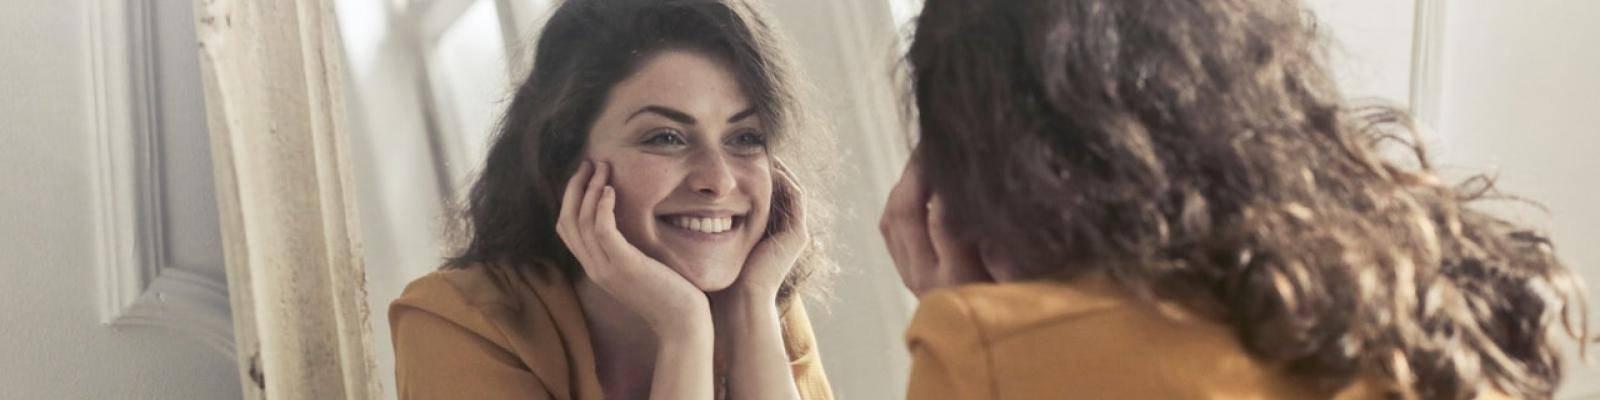 Vrouw kijkt blij in spiegel